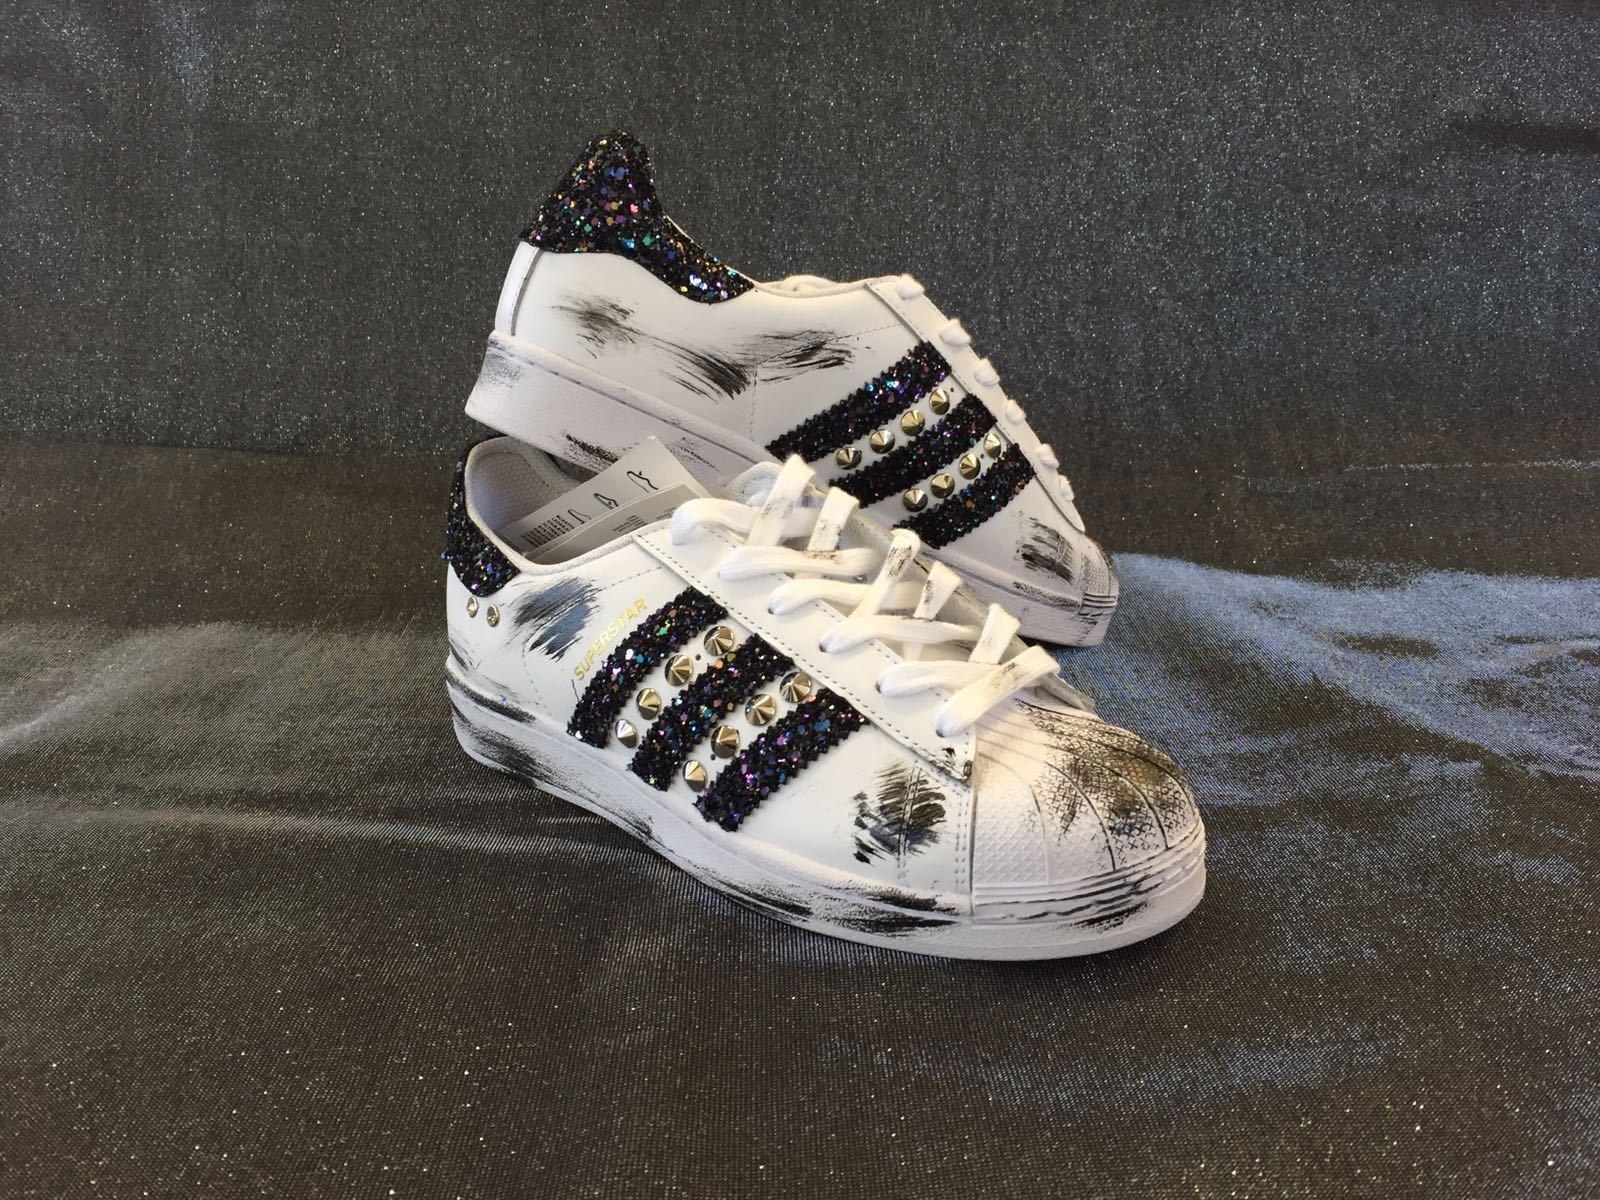 Schuhe adidas superstar con argento glitter blu sporcatura nera e borchie argento con + swar f98a4a